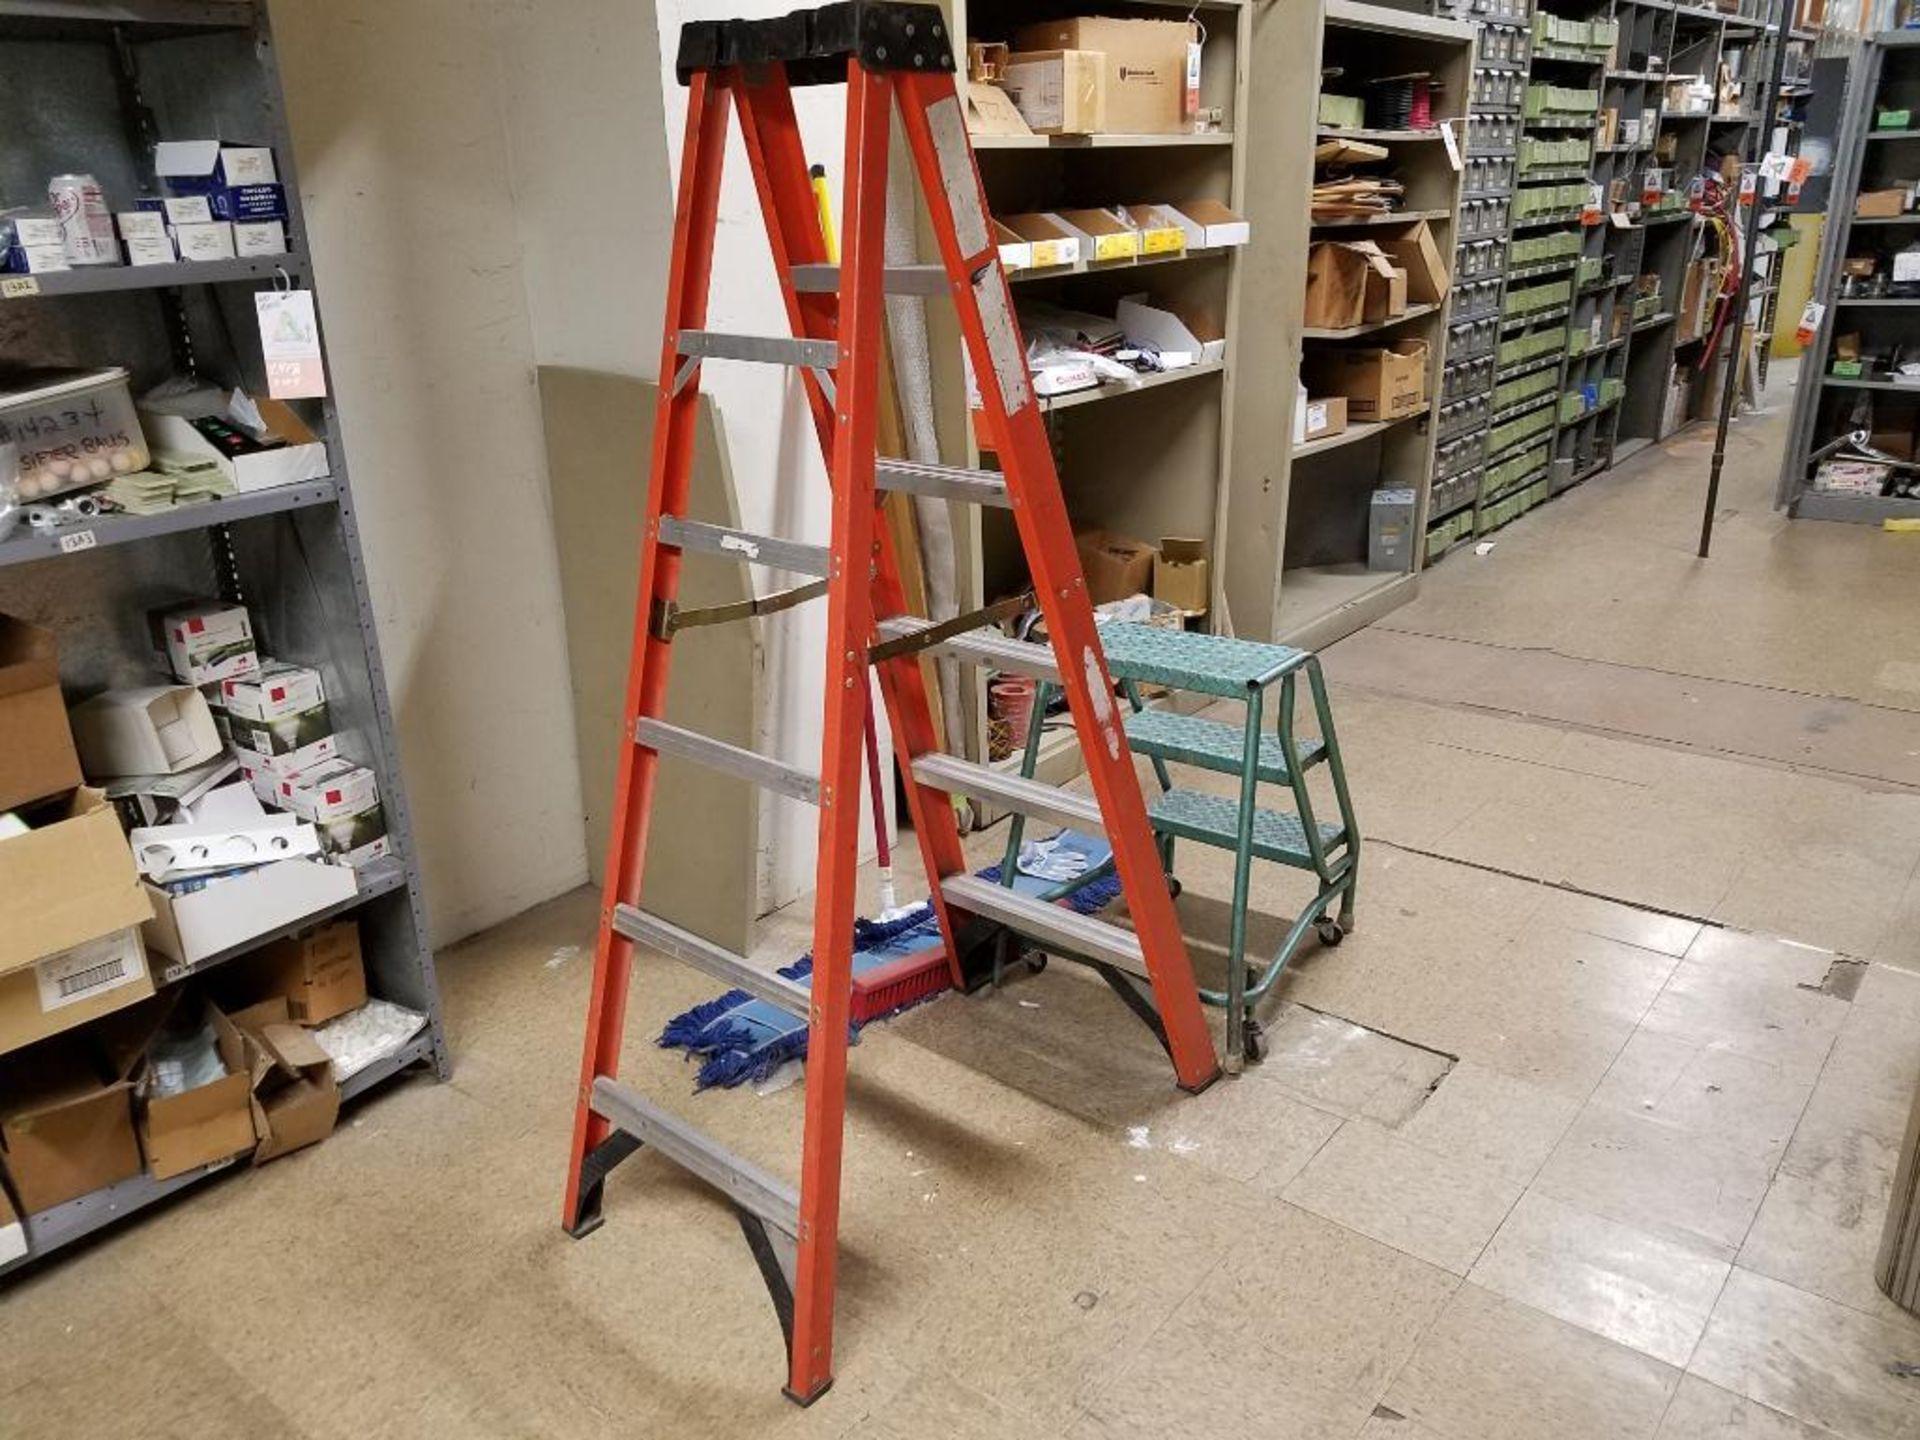 Werner 5-step 6 ft. a-frame ladder and Ladder Industries 3-step mobile platform - Image 2 of 2